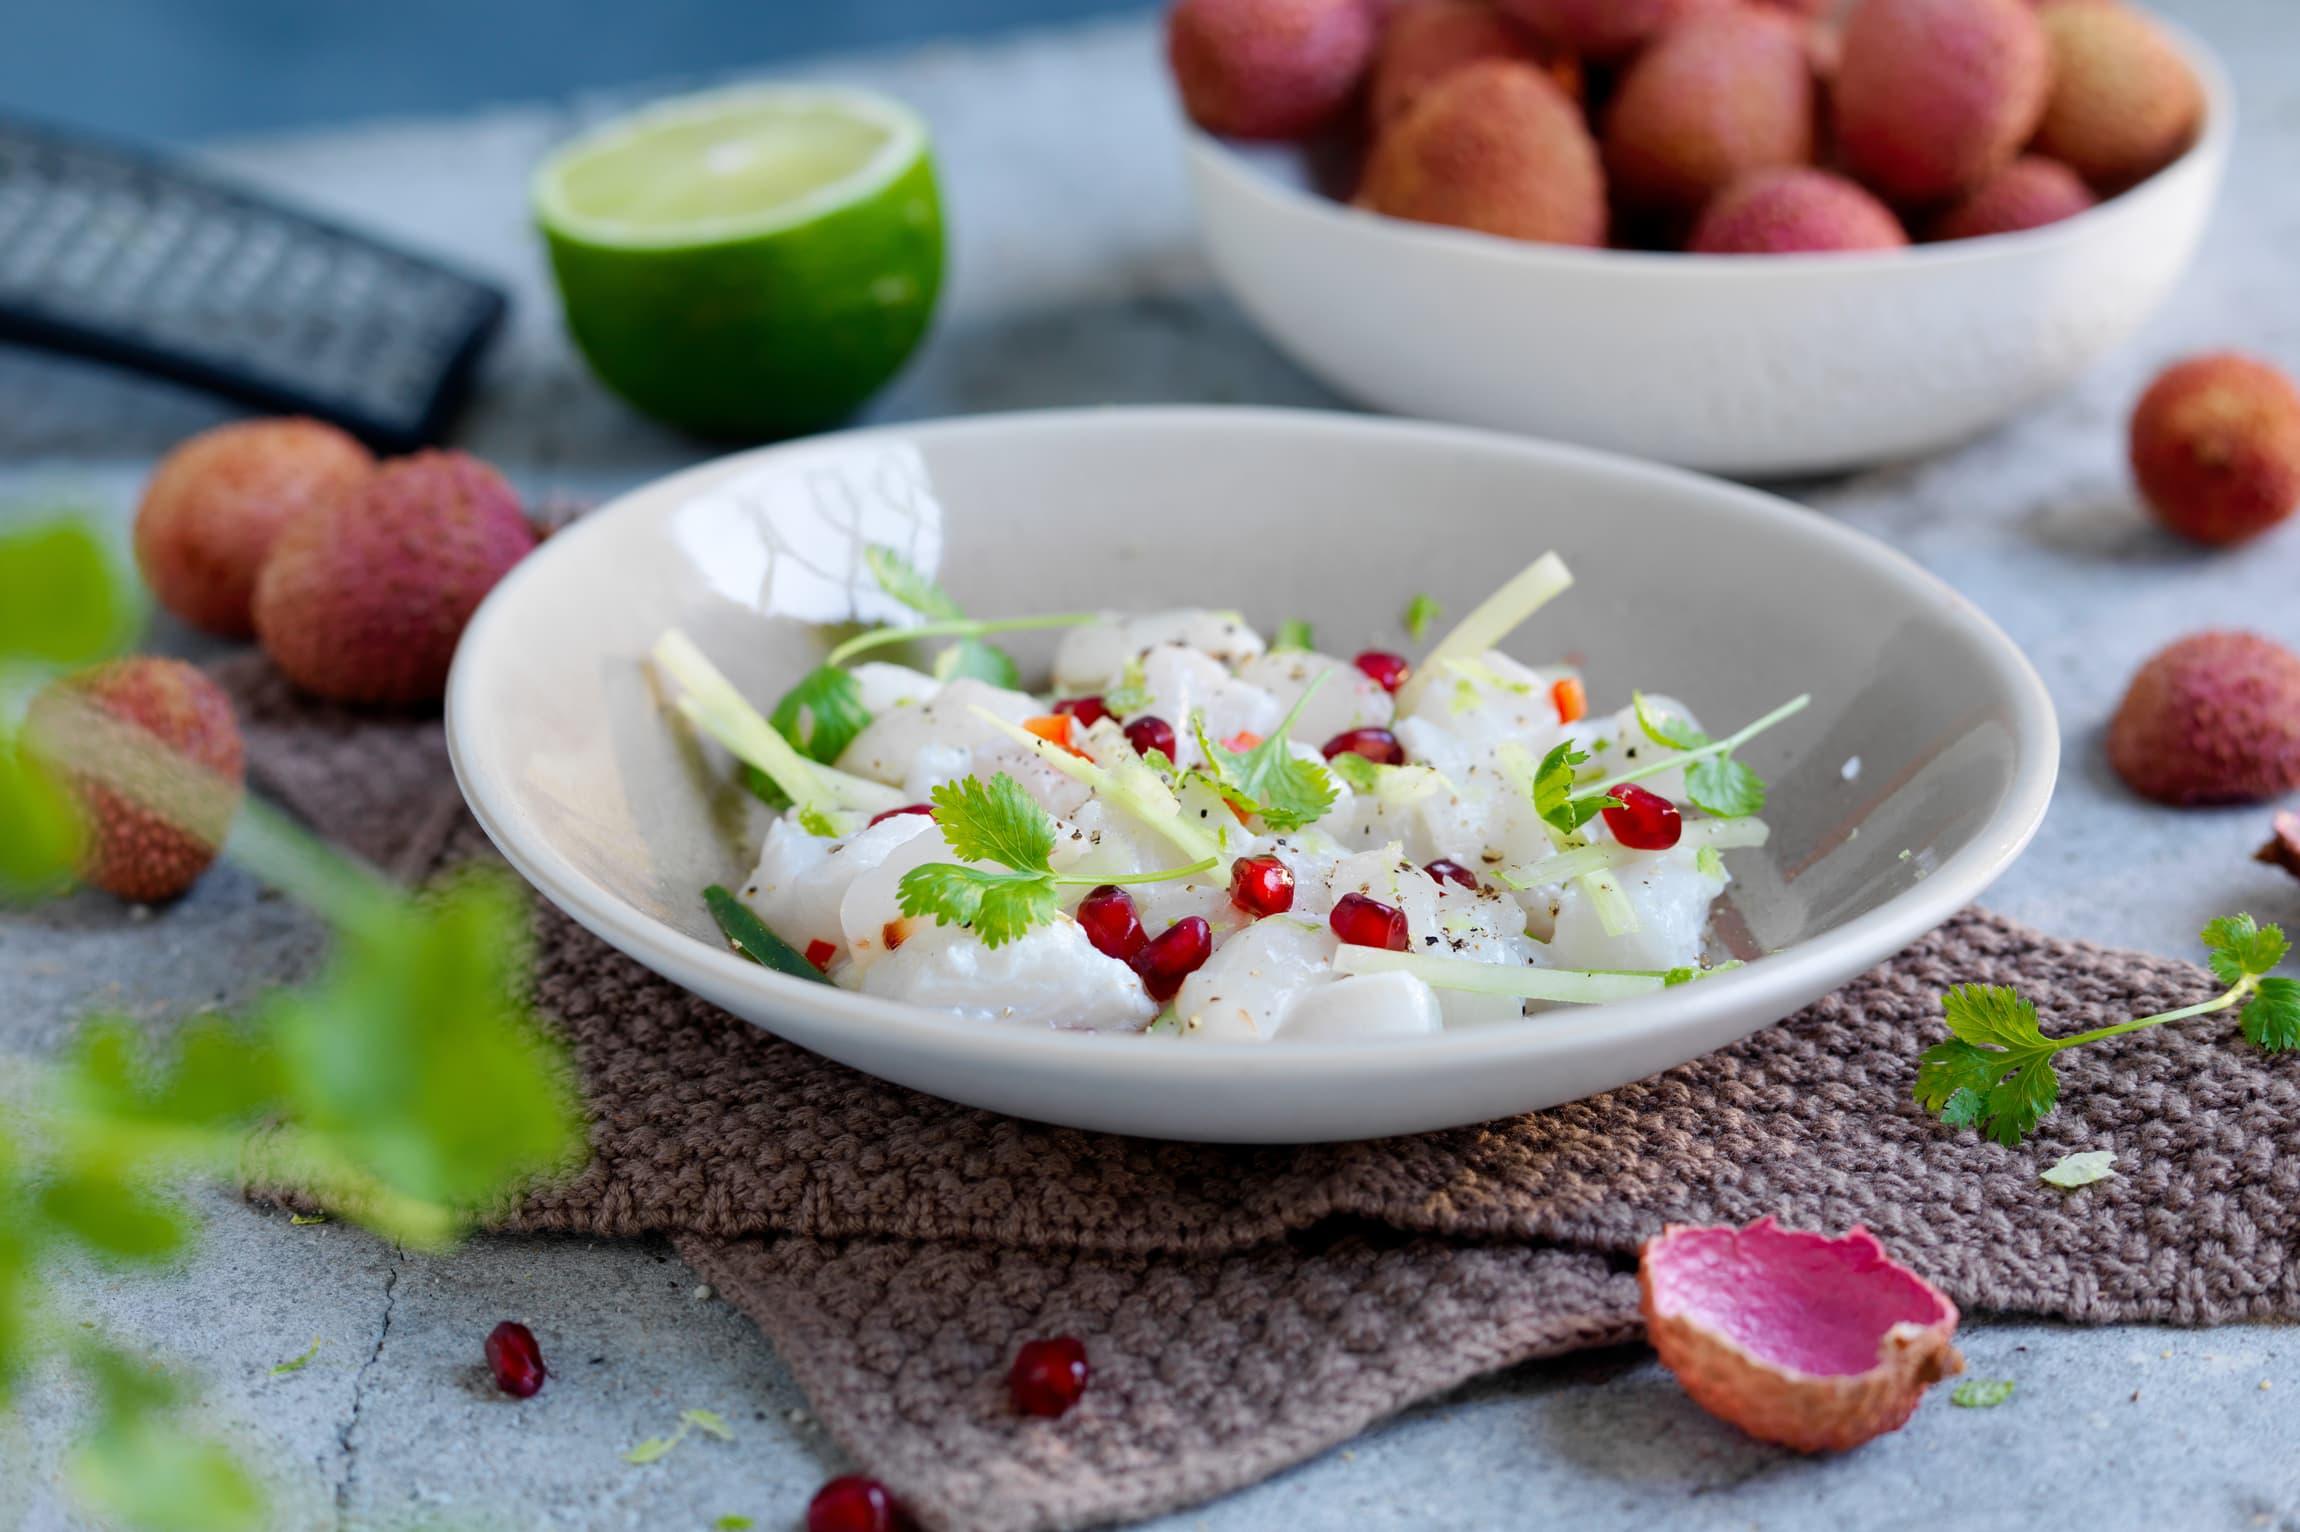 Lag en frisk og god ceviche av skrei til middag! Skrei er den perfekte fisk i ceviche siden den er fast og god på smak.